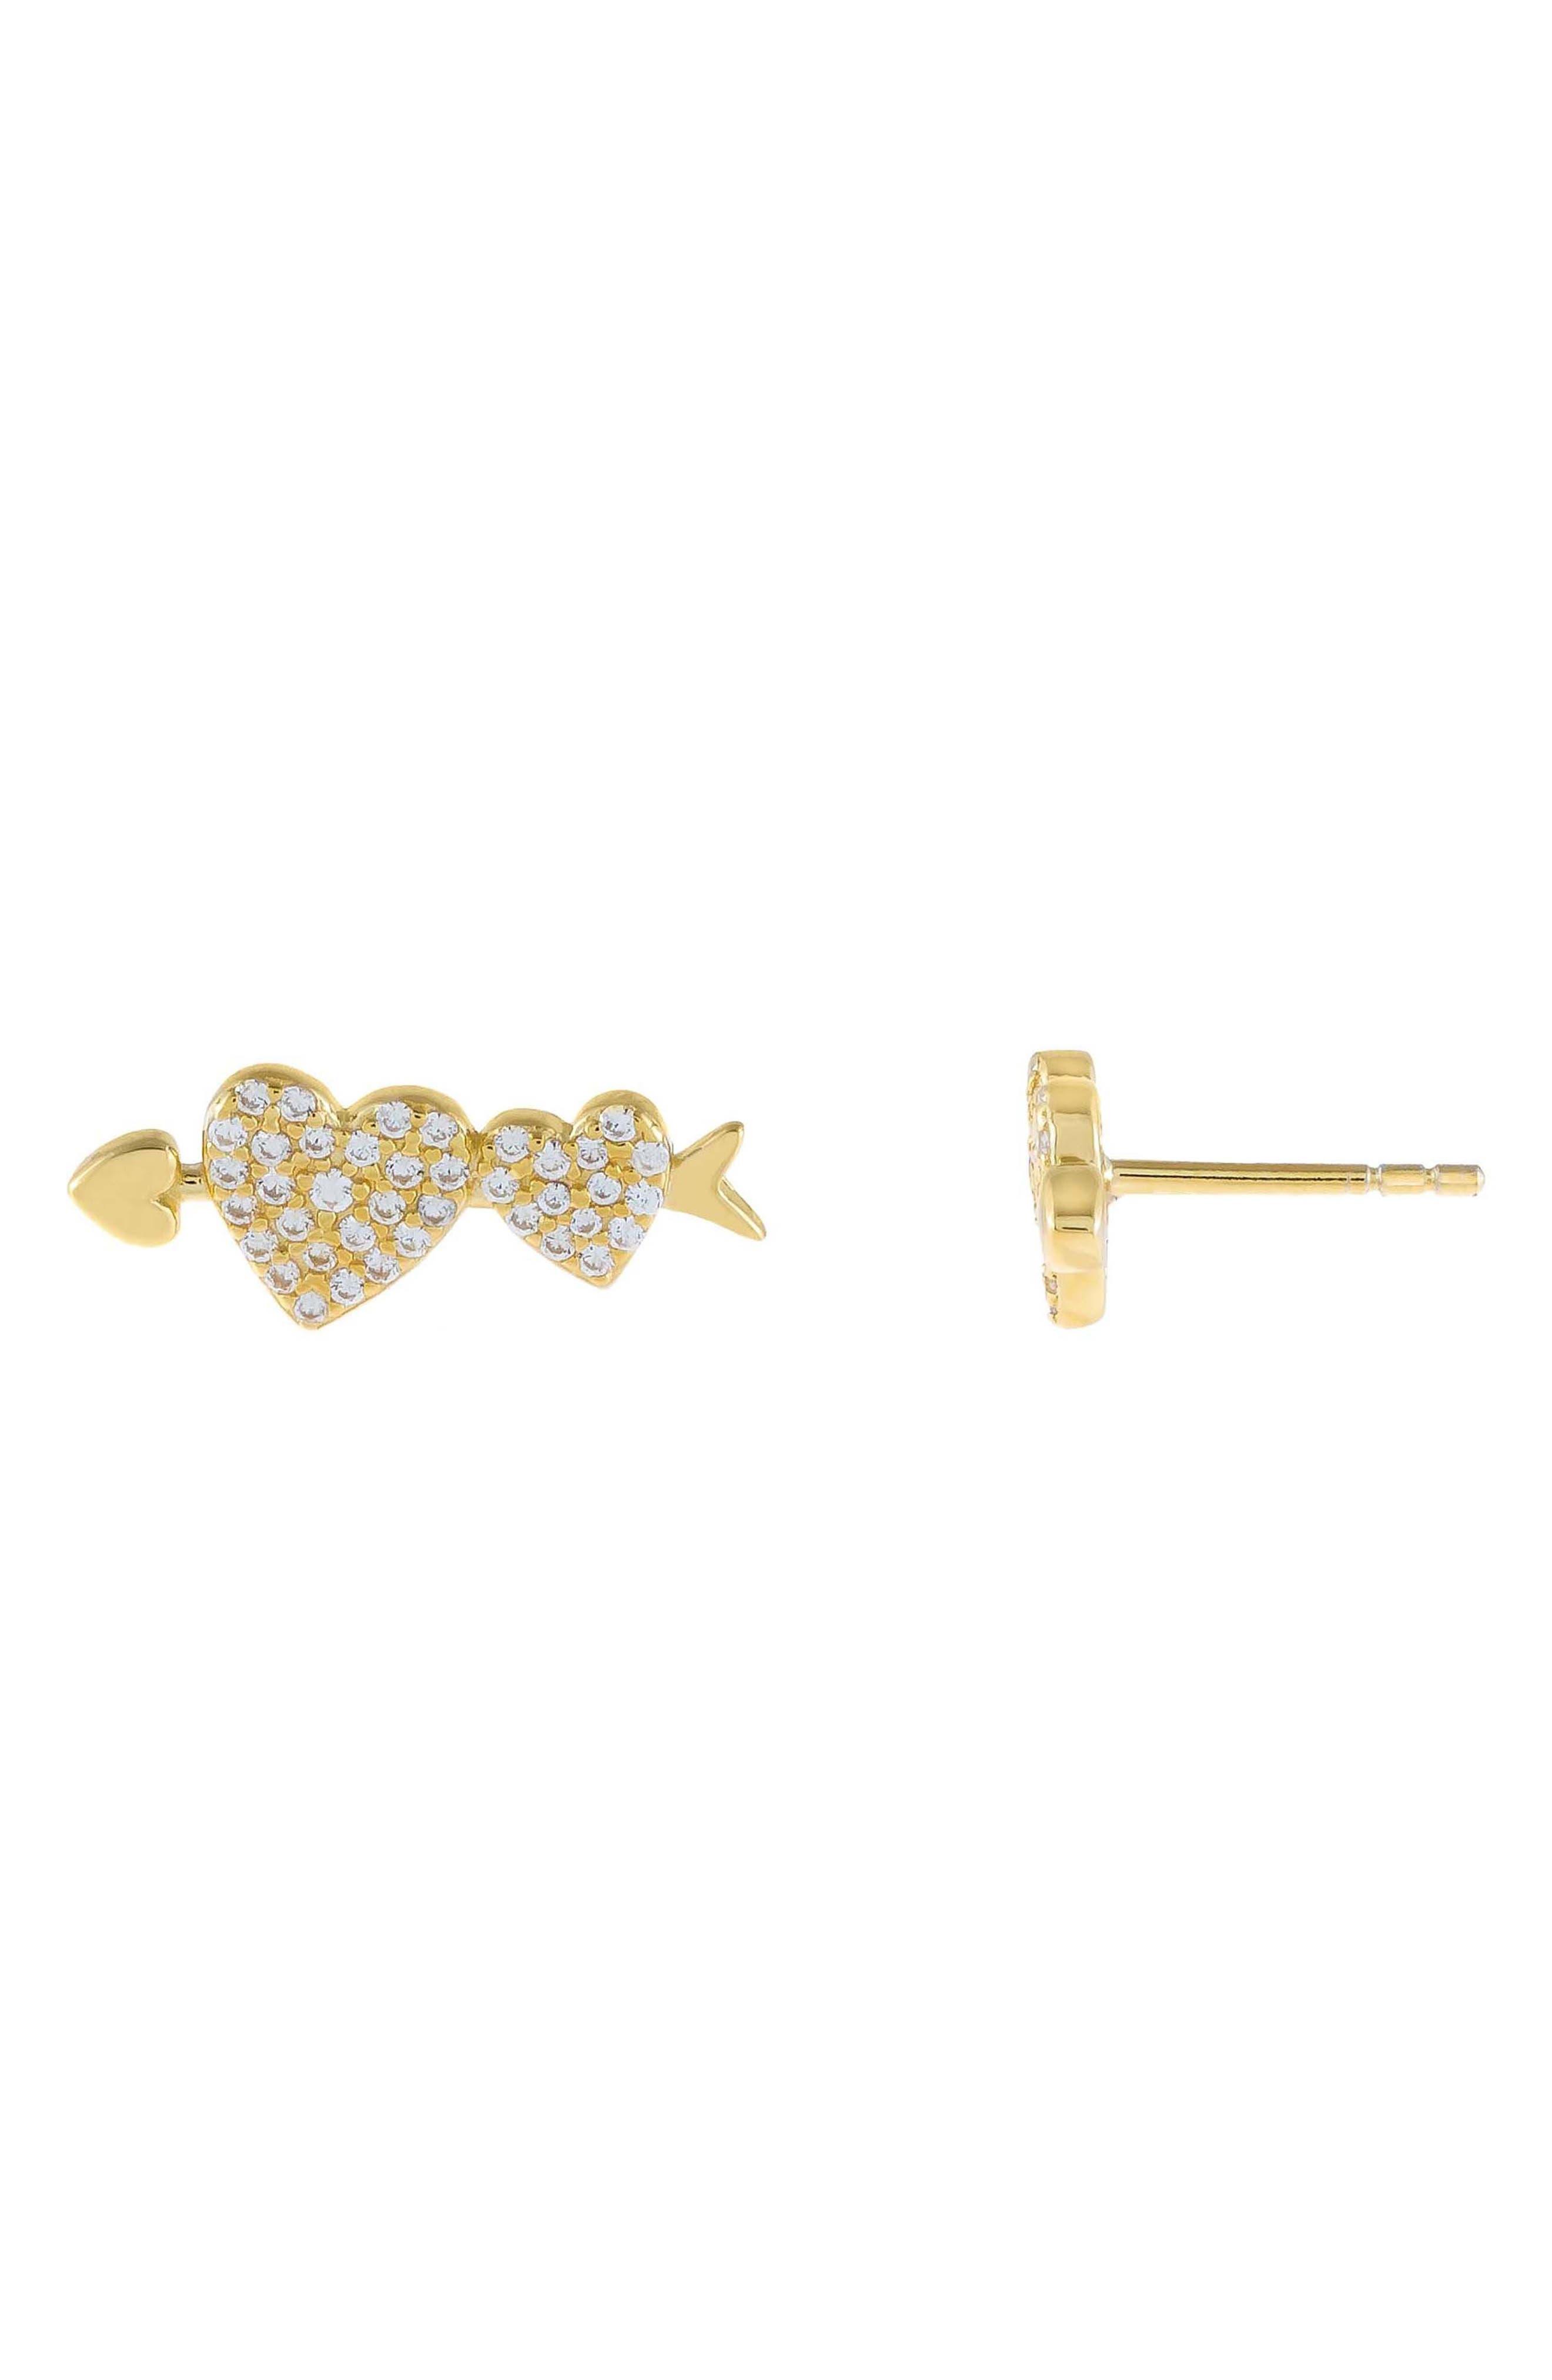 Women's Adina's Jewels Heart Arrow Stud Earrings